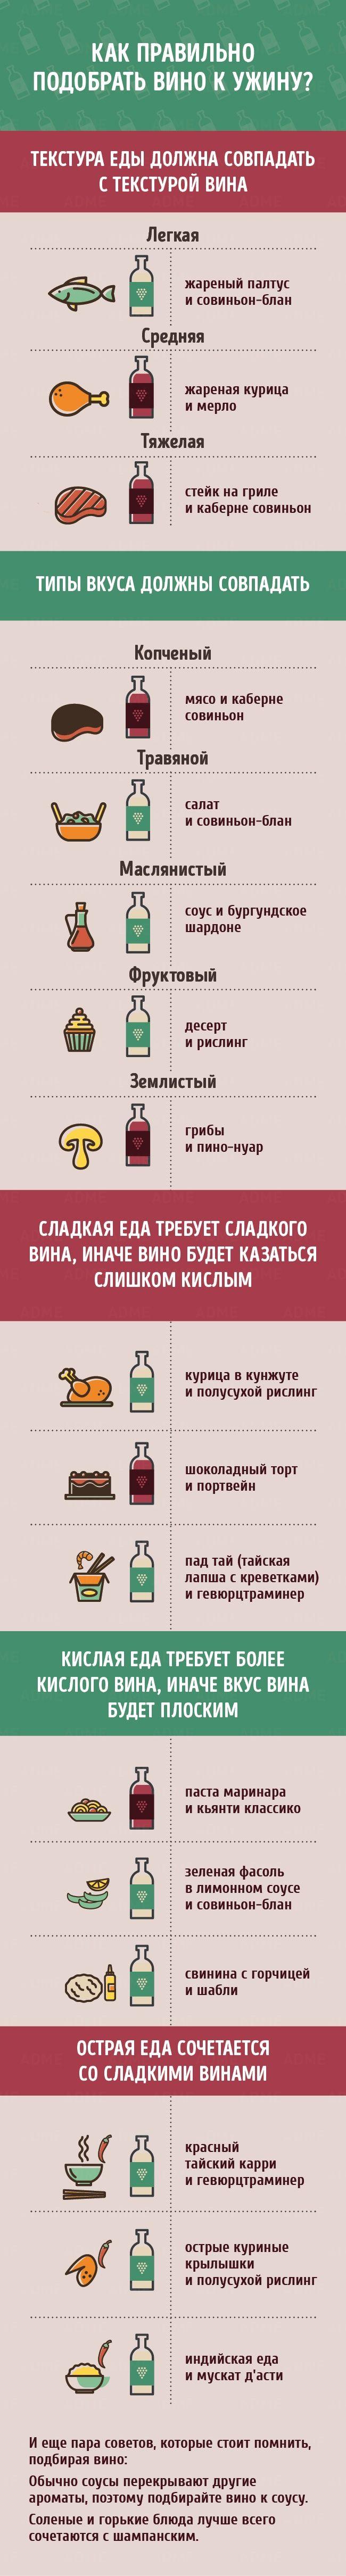 Гид по кухне и готовке от AdMe.ru